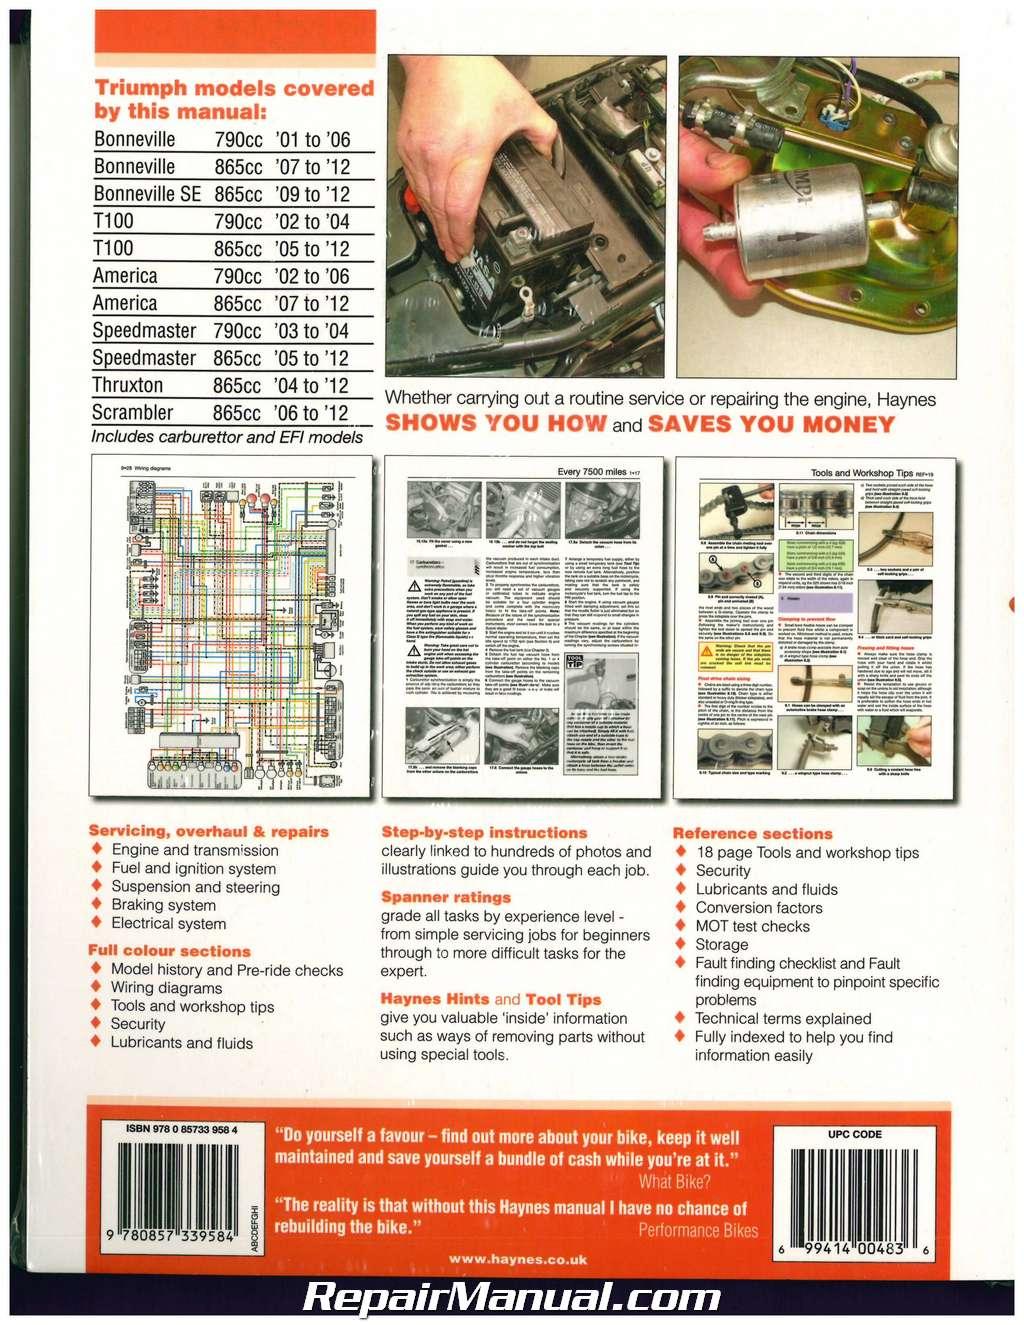 2009 triumph bonneville wiring diagram sky q t100 speedmaster america thruxton